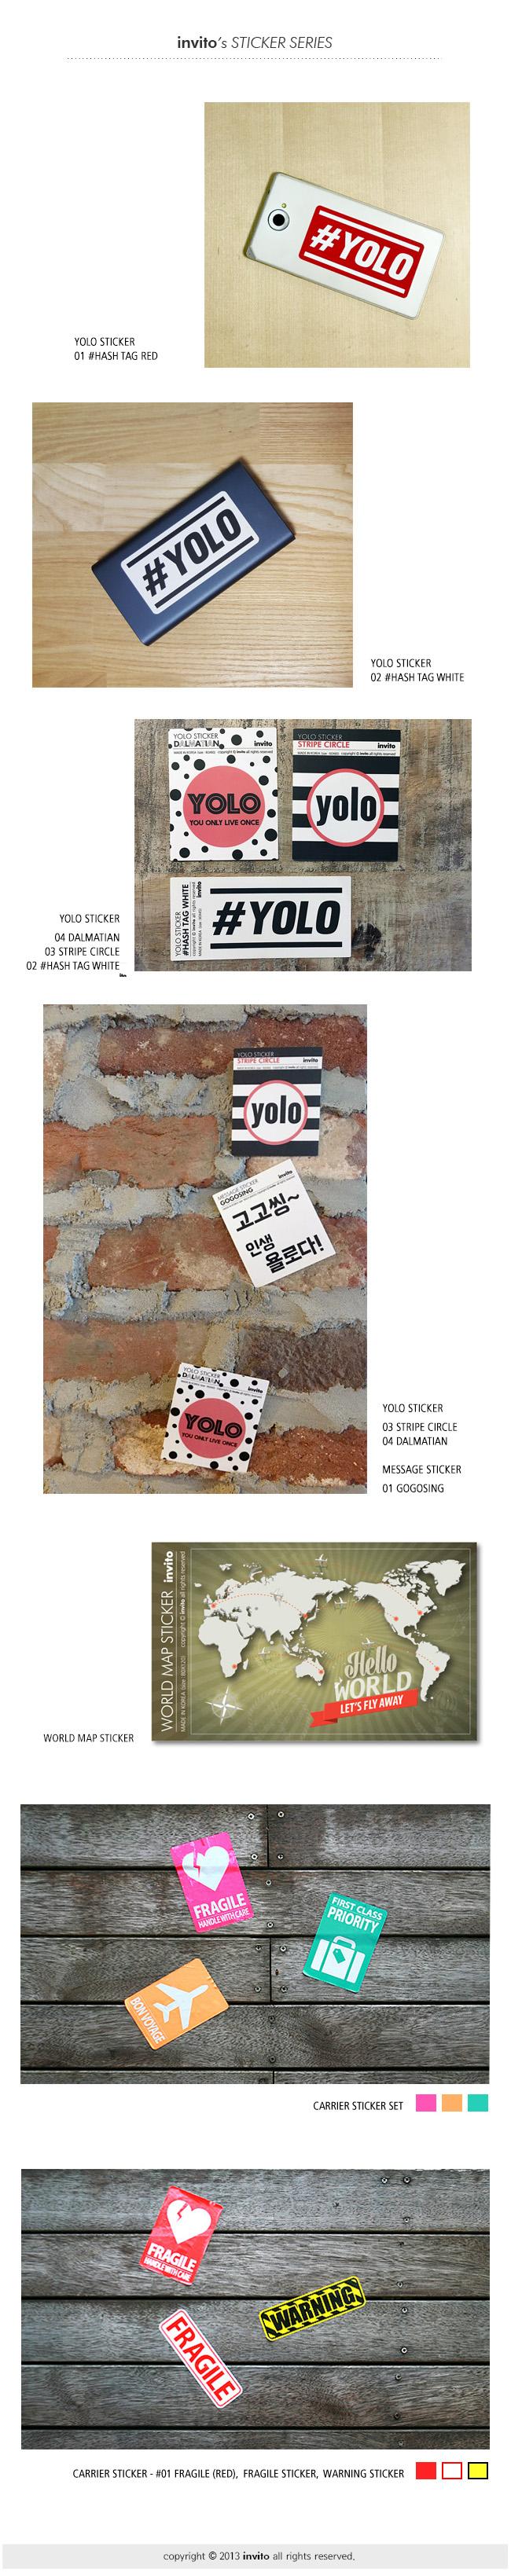 세계 국기 스티커 World Flags Sticker - 인비토, 1,000원, 보호커버/스티커, 스티커